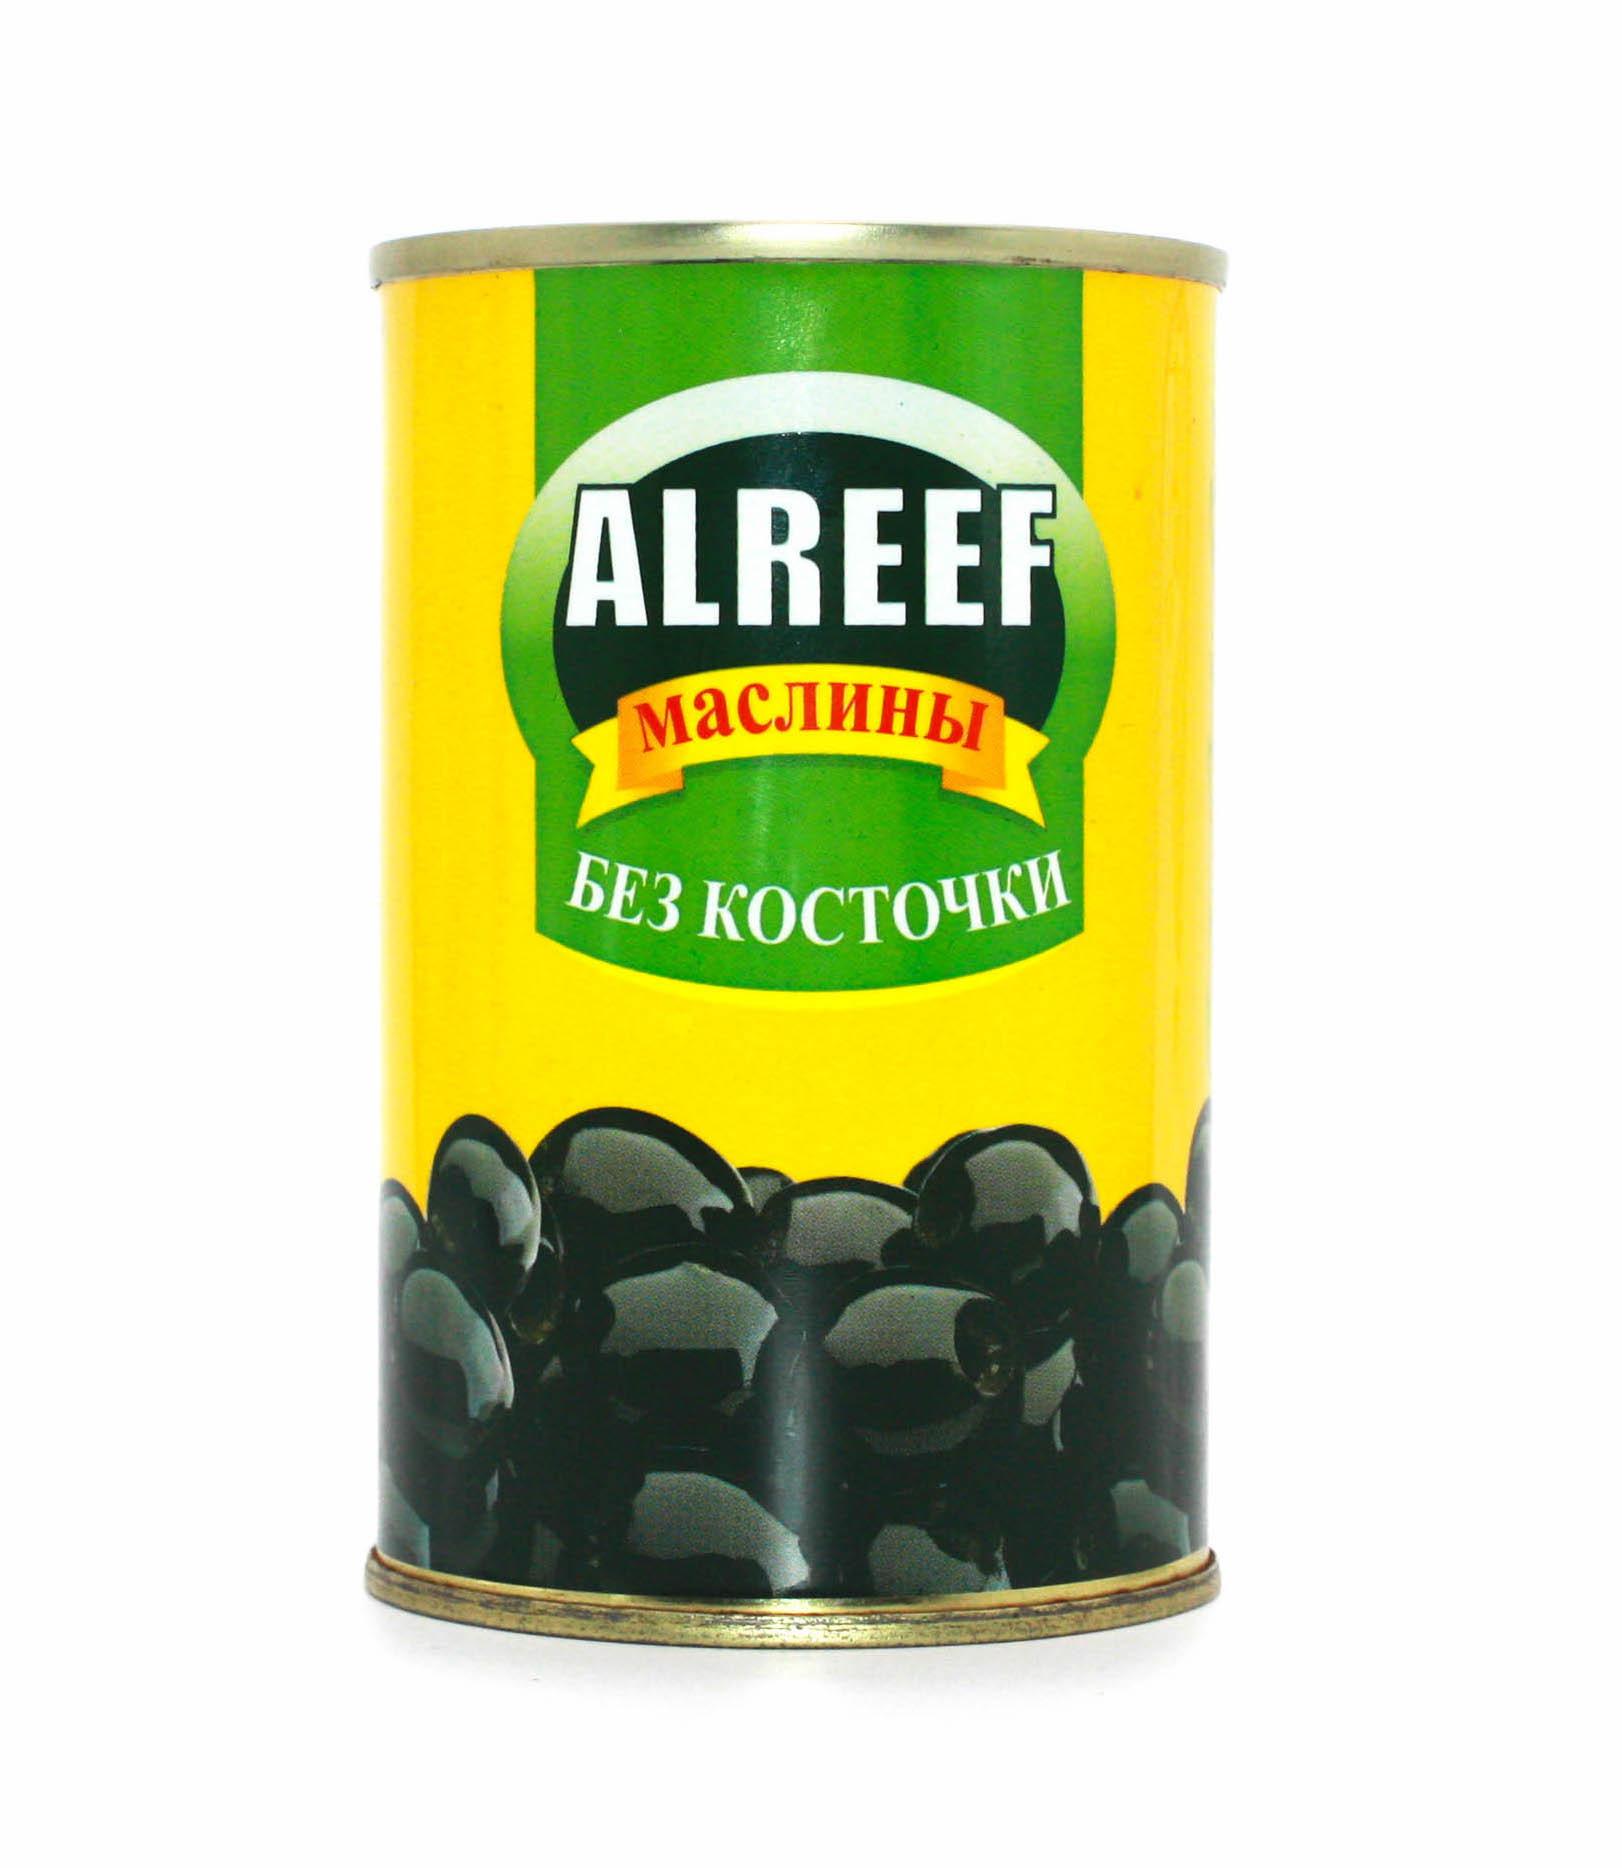 Оливки и оливковая паста Оливки черные Al Reef, 280 г import_files_4b_4be3e0faba4d11e8a99c484d7ecee297_d65bf114ba6411e8a99c484d7ecee297.jpg